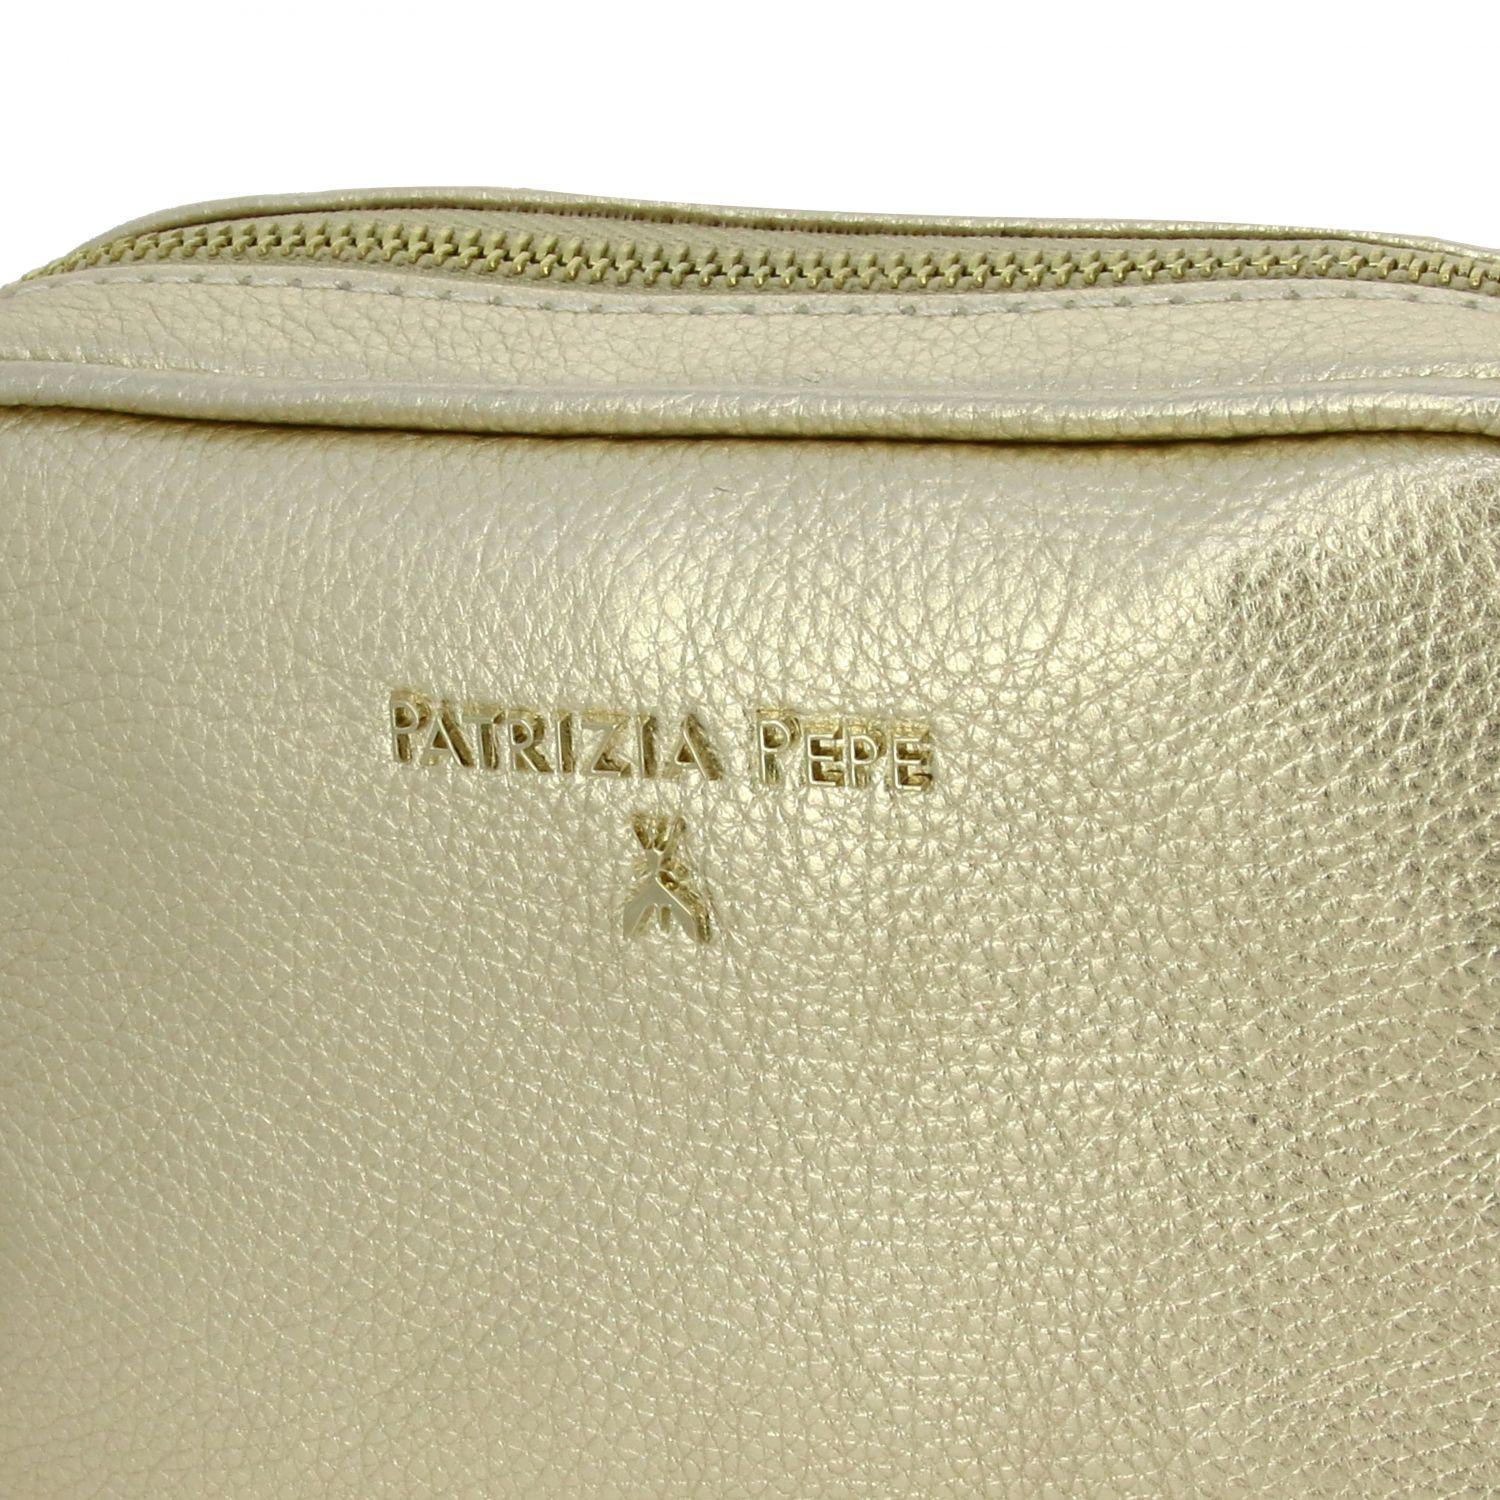 迷你包 Patrizia Pepe: Patrizia Pepe logo装饰金属感真皮捶打皮手袋 珀金色 4